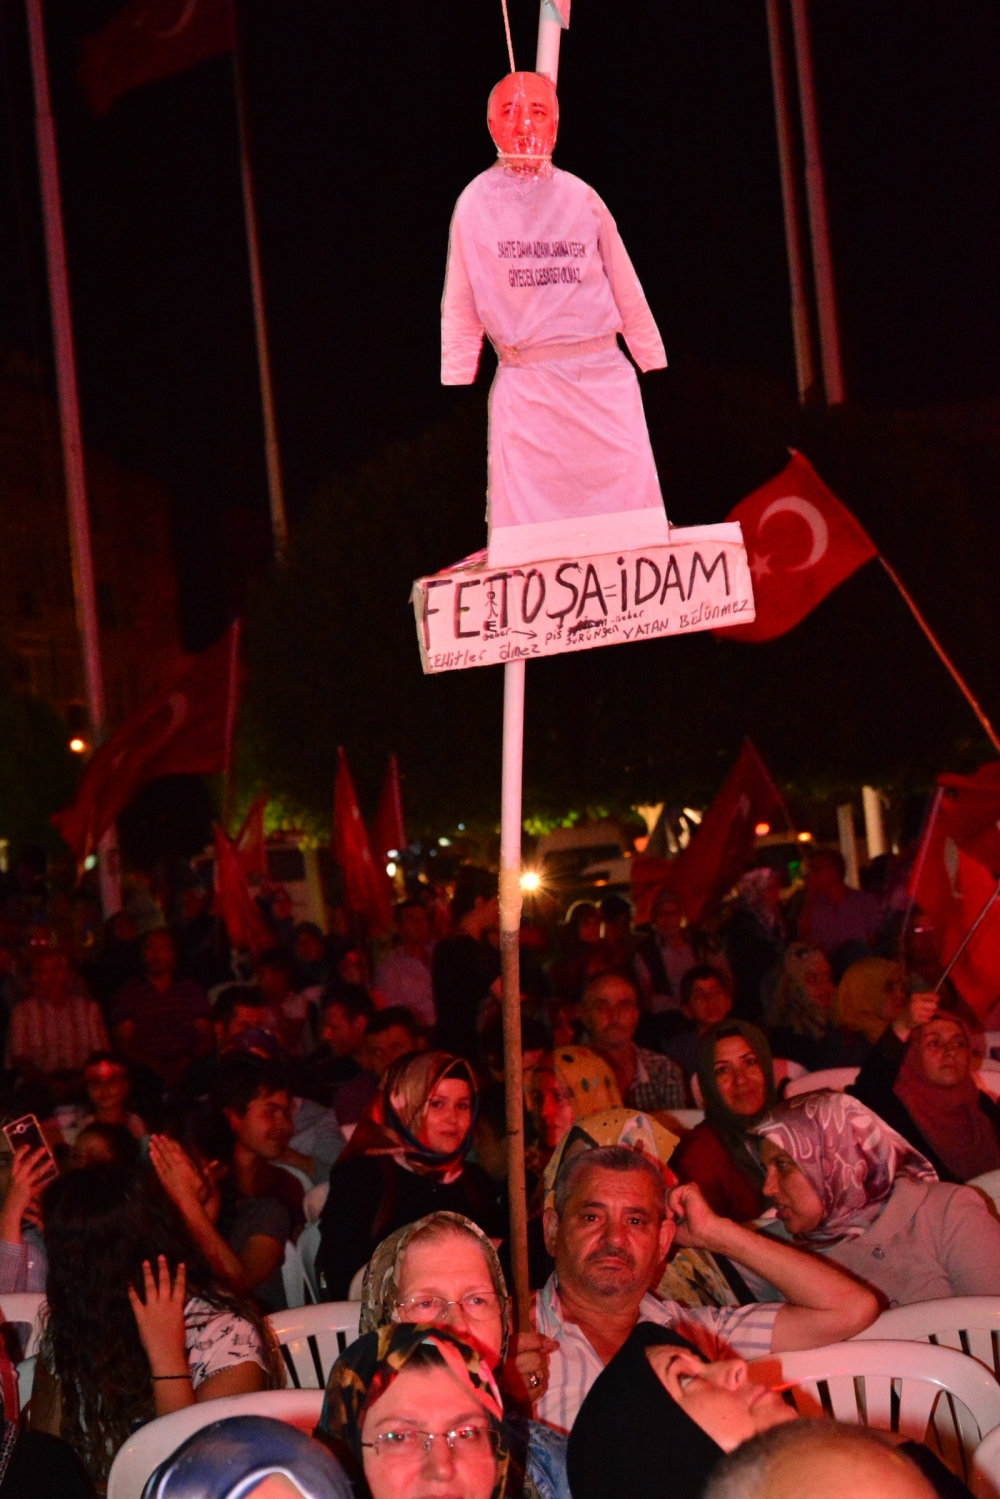 Akhisar'da Milli Egemenlik Meydanında demokrasi nöbeti 22.gün galerisi resim 6